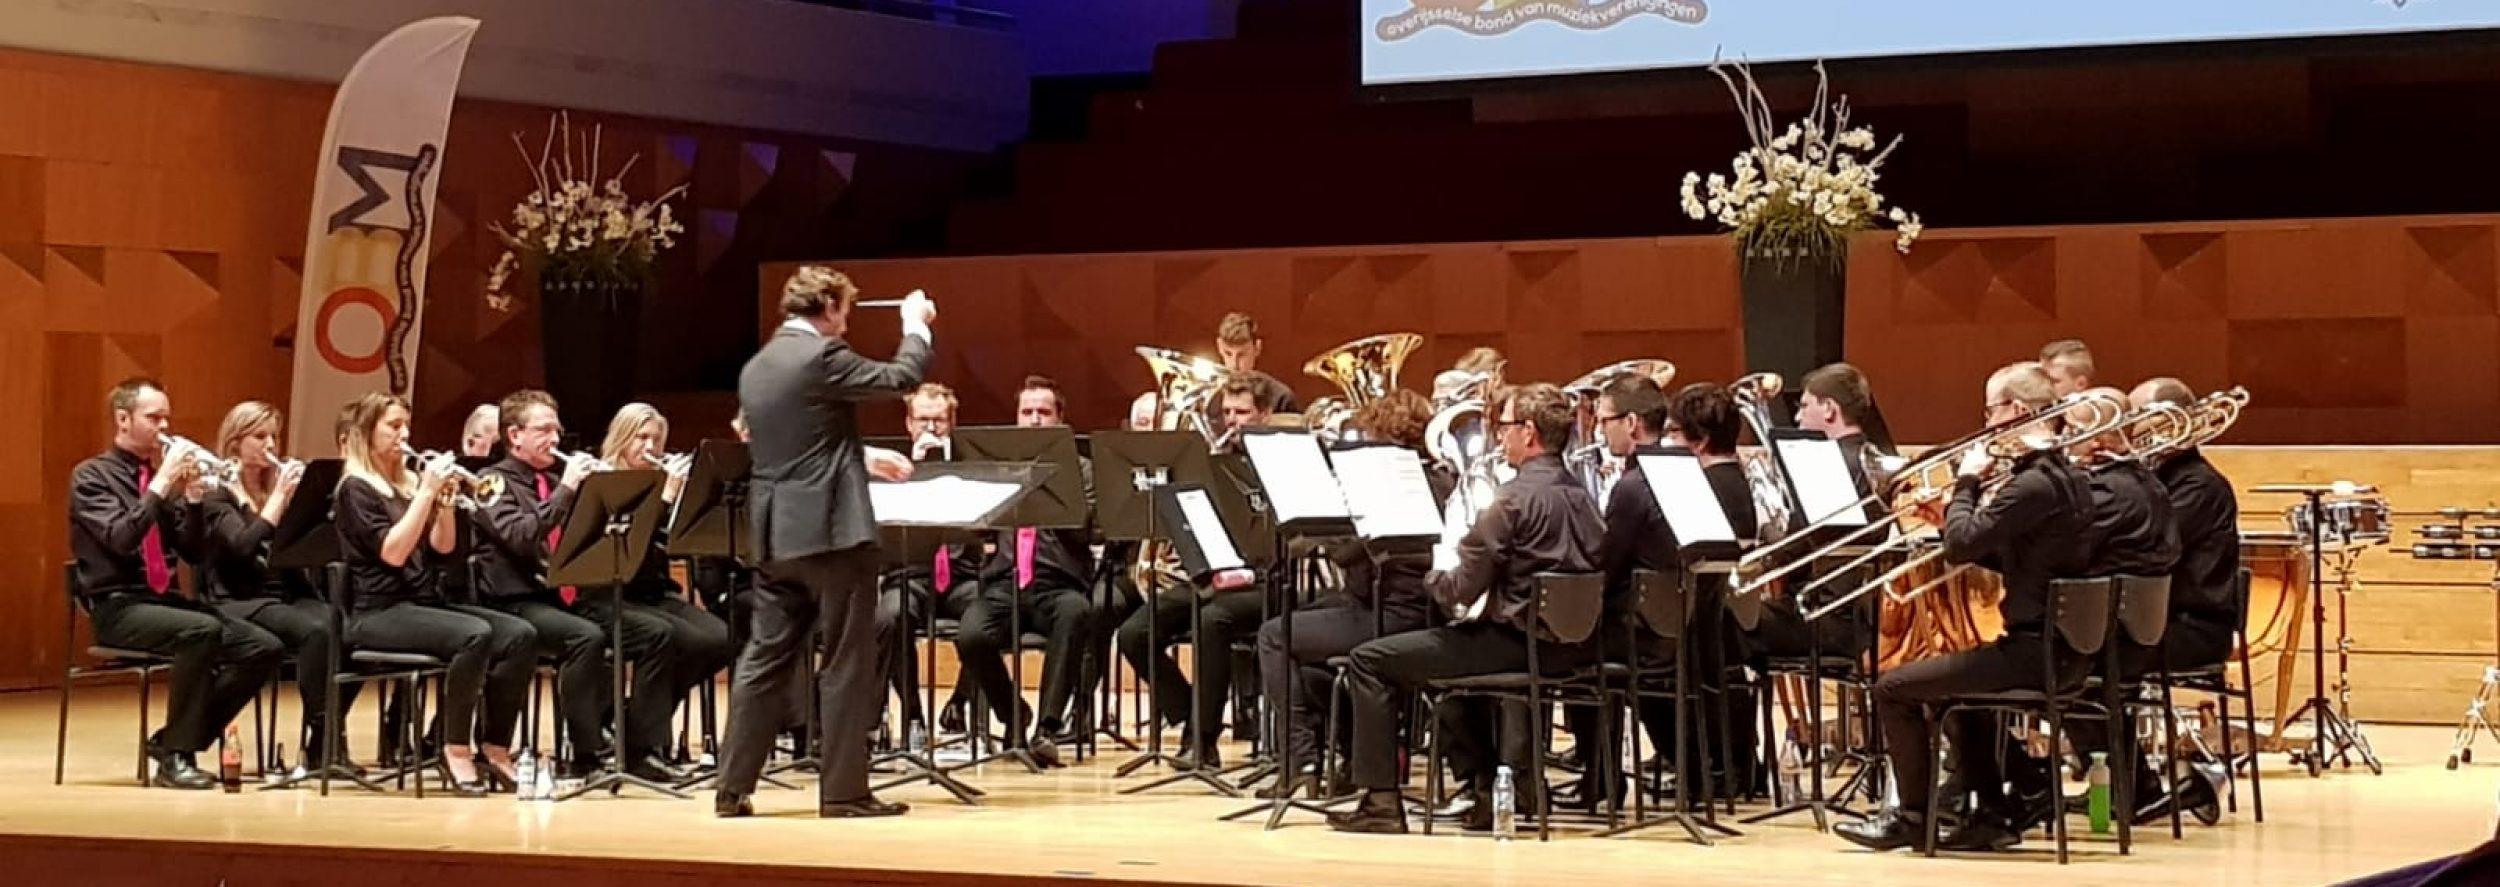 Brassband Harp en Luit Vuren